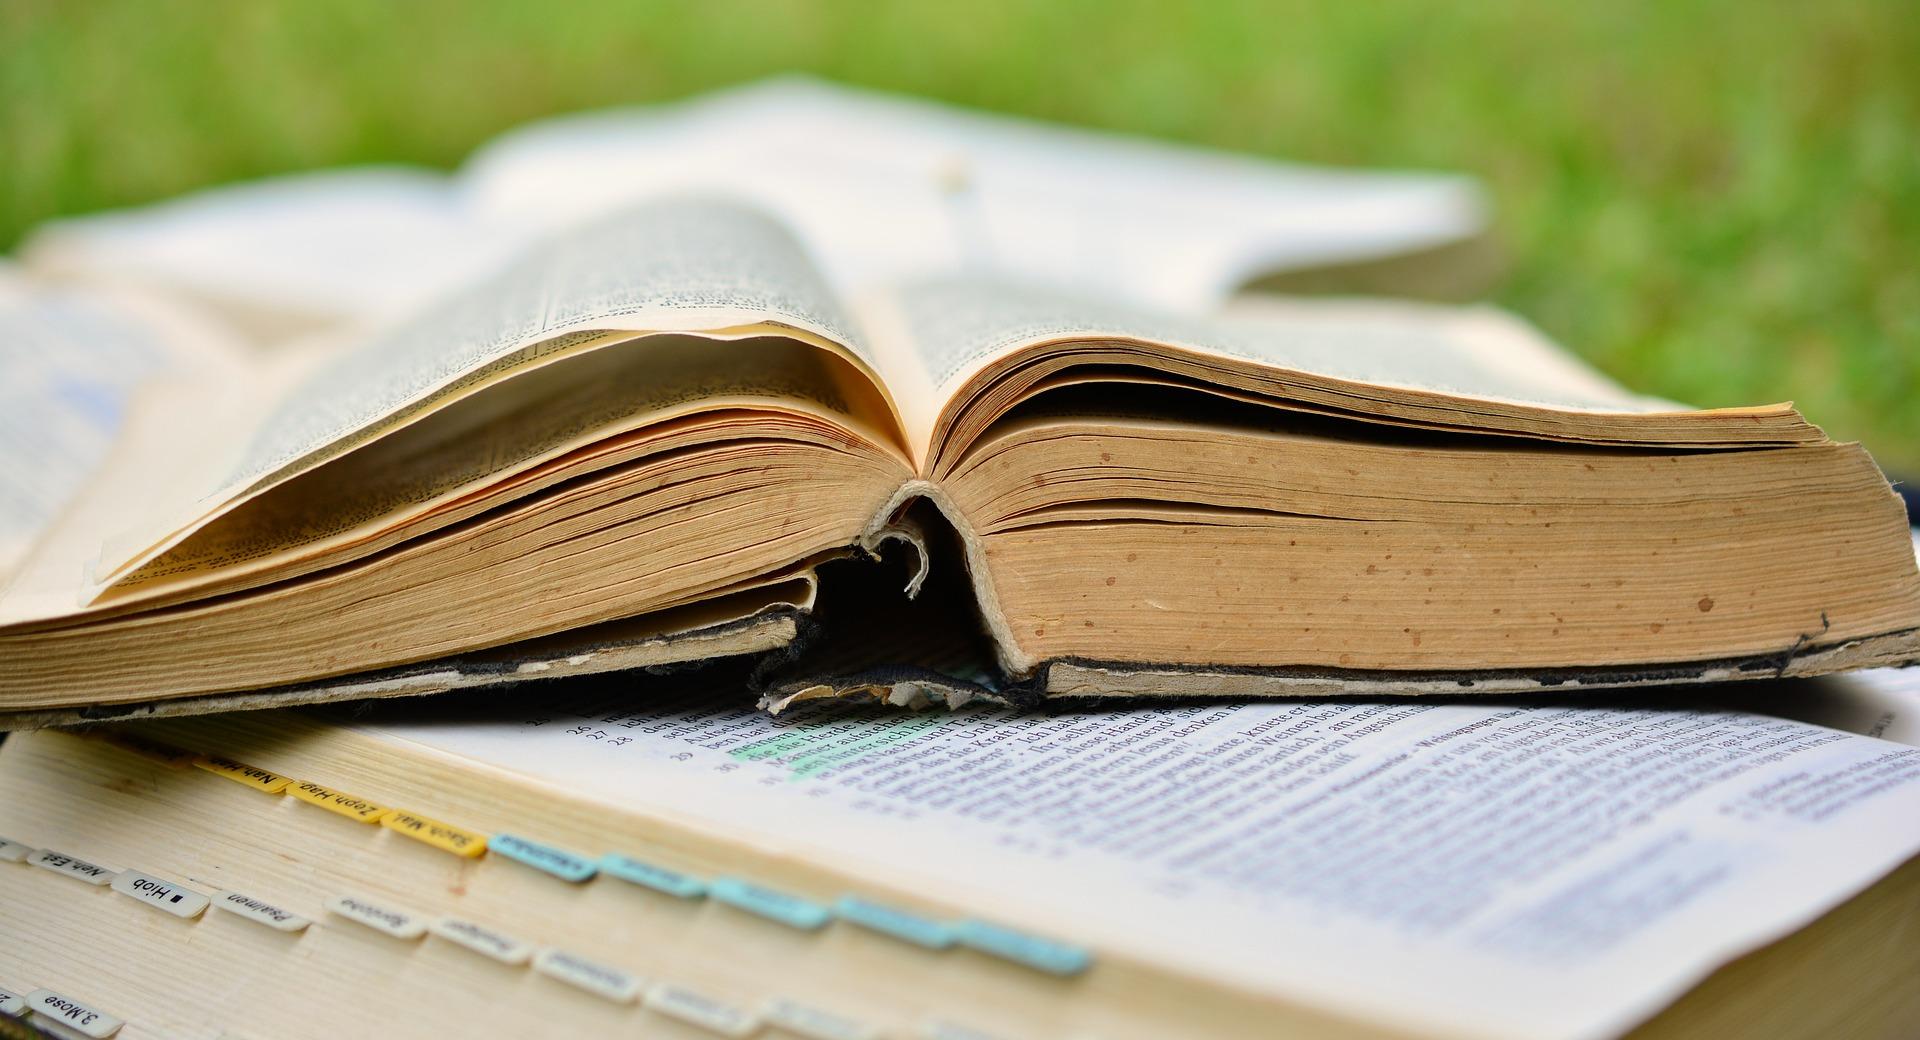 book-2484855_1920.jpg